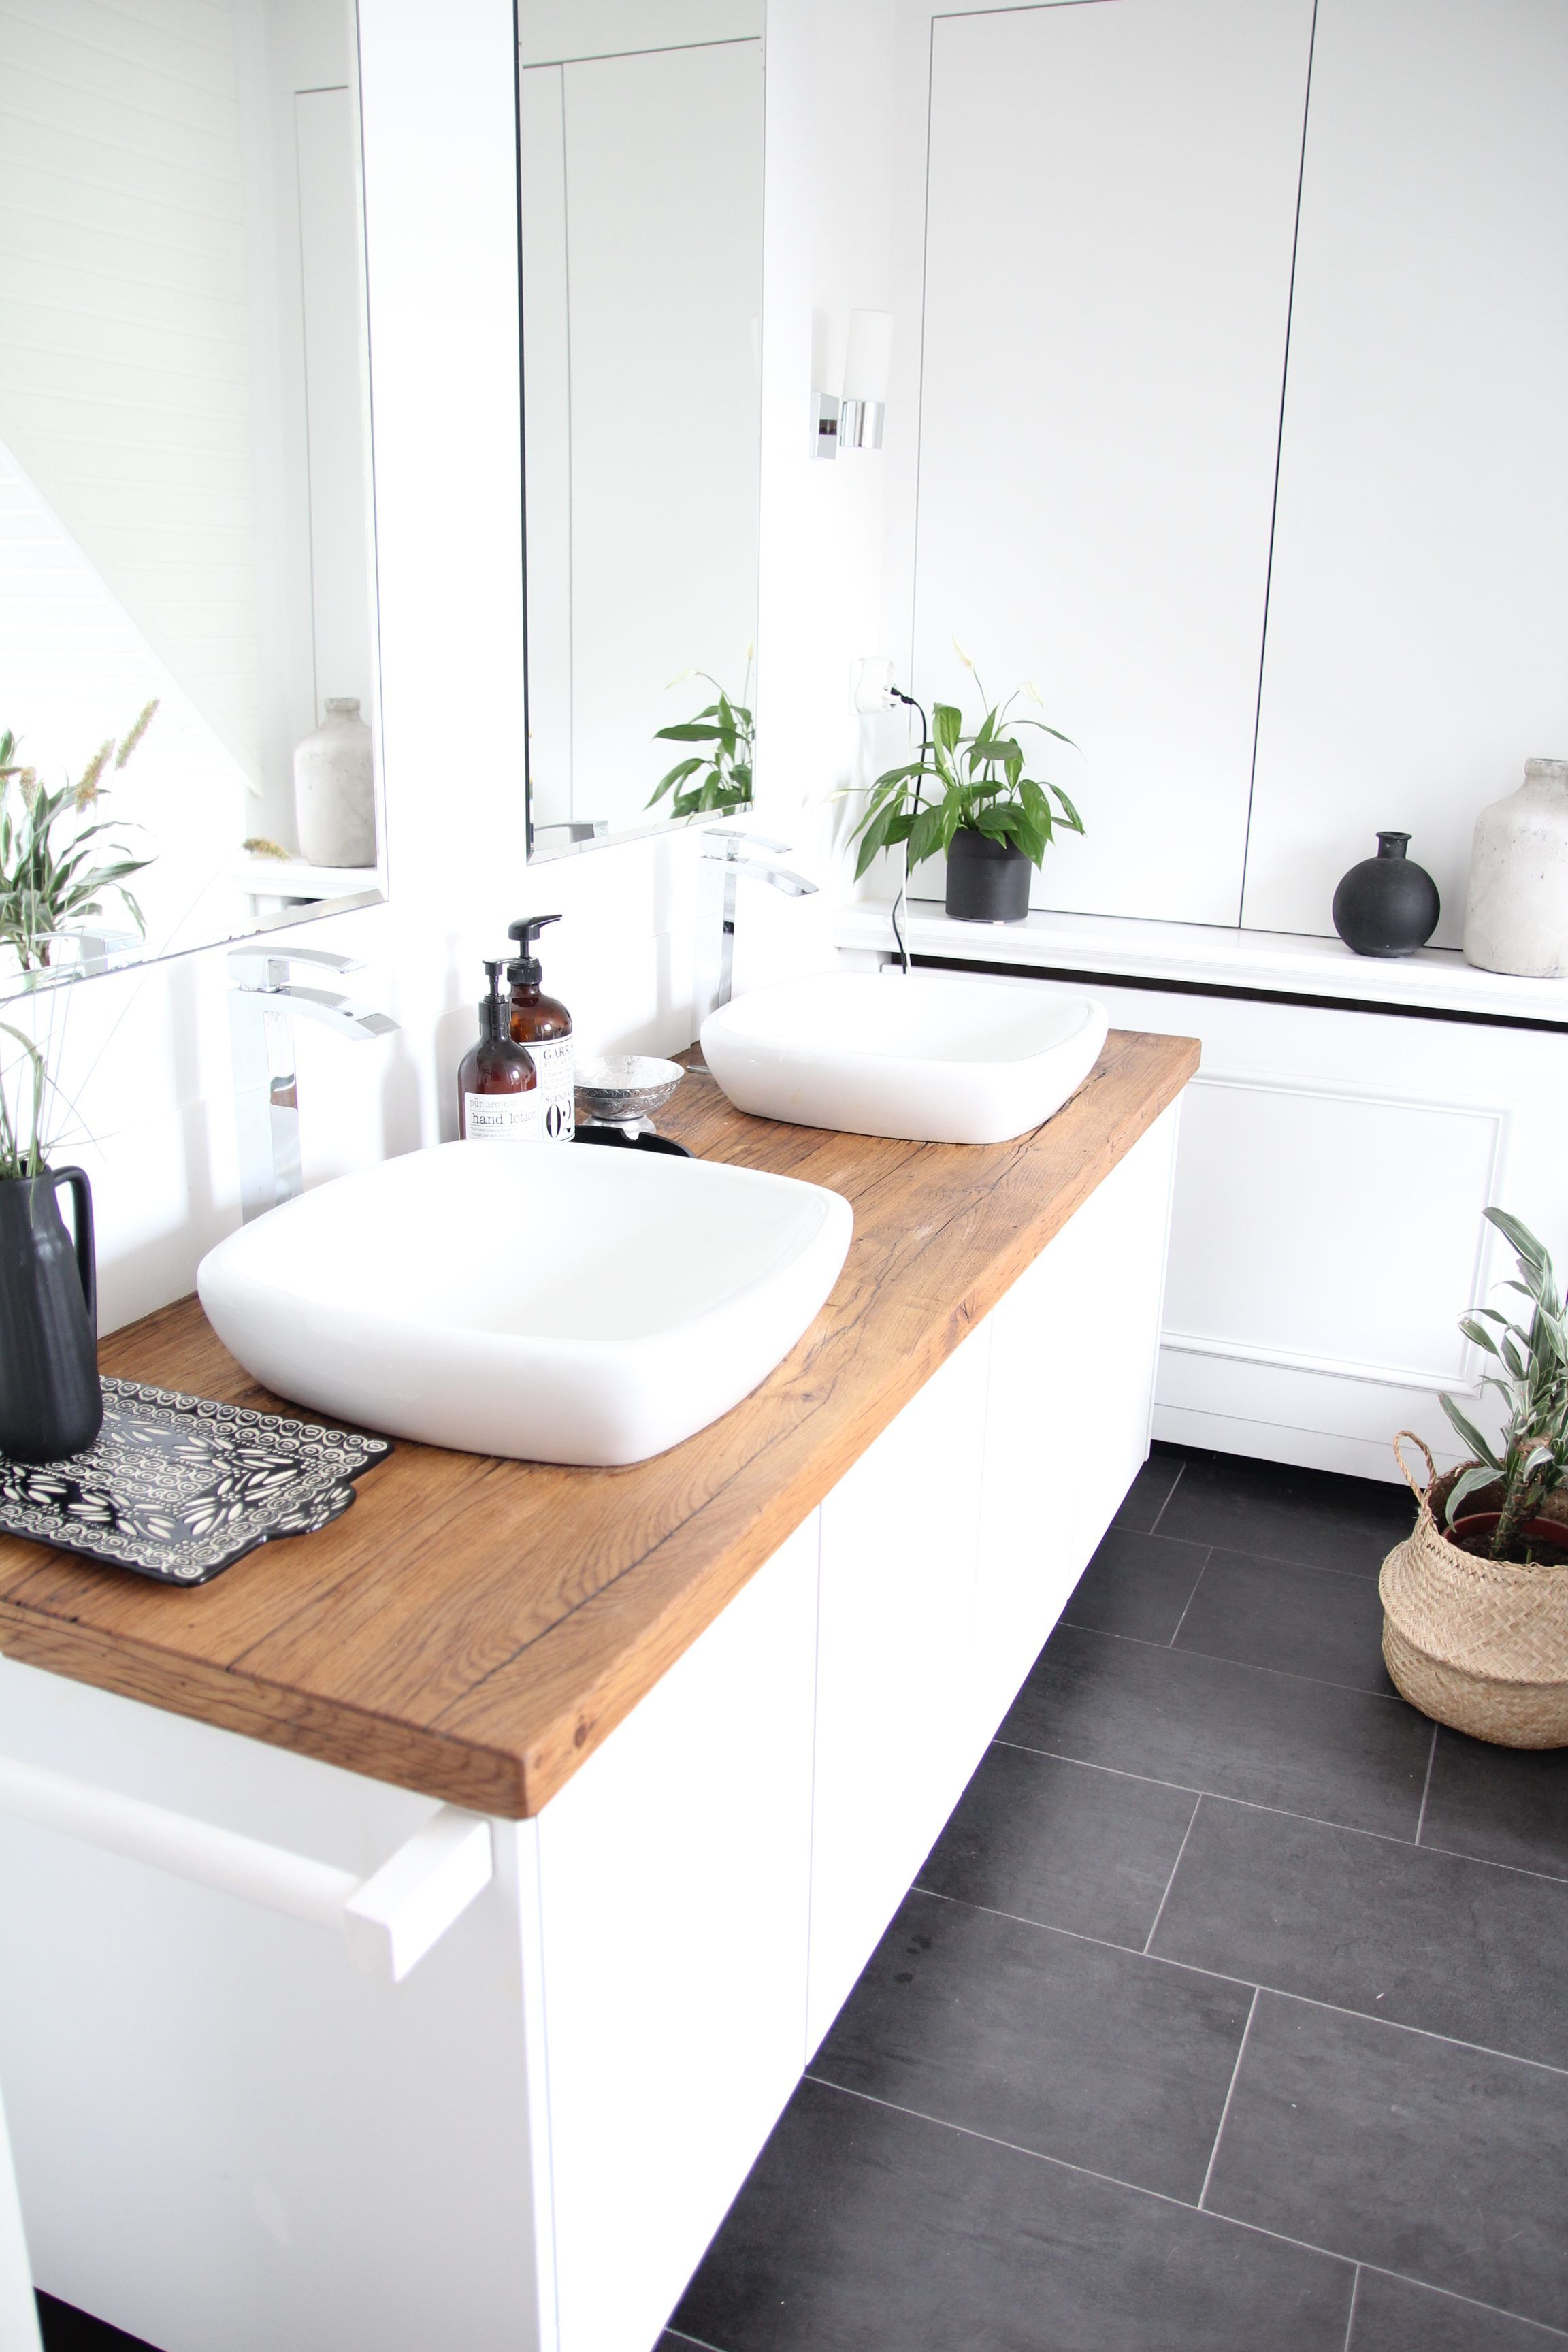 Badezimmer selbst renovieren: vorher/nachher | bai | Pinterest ...